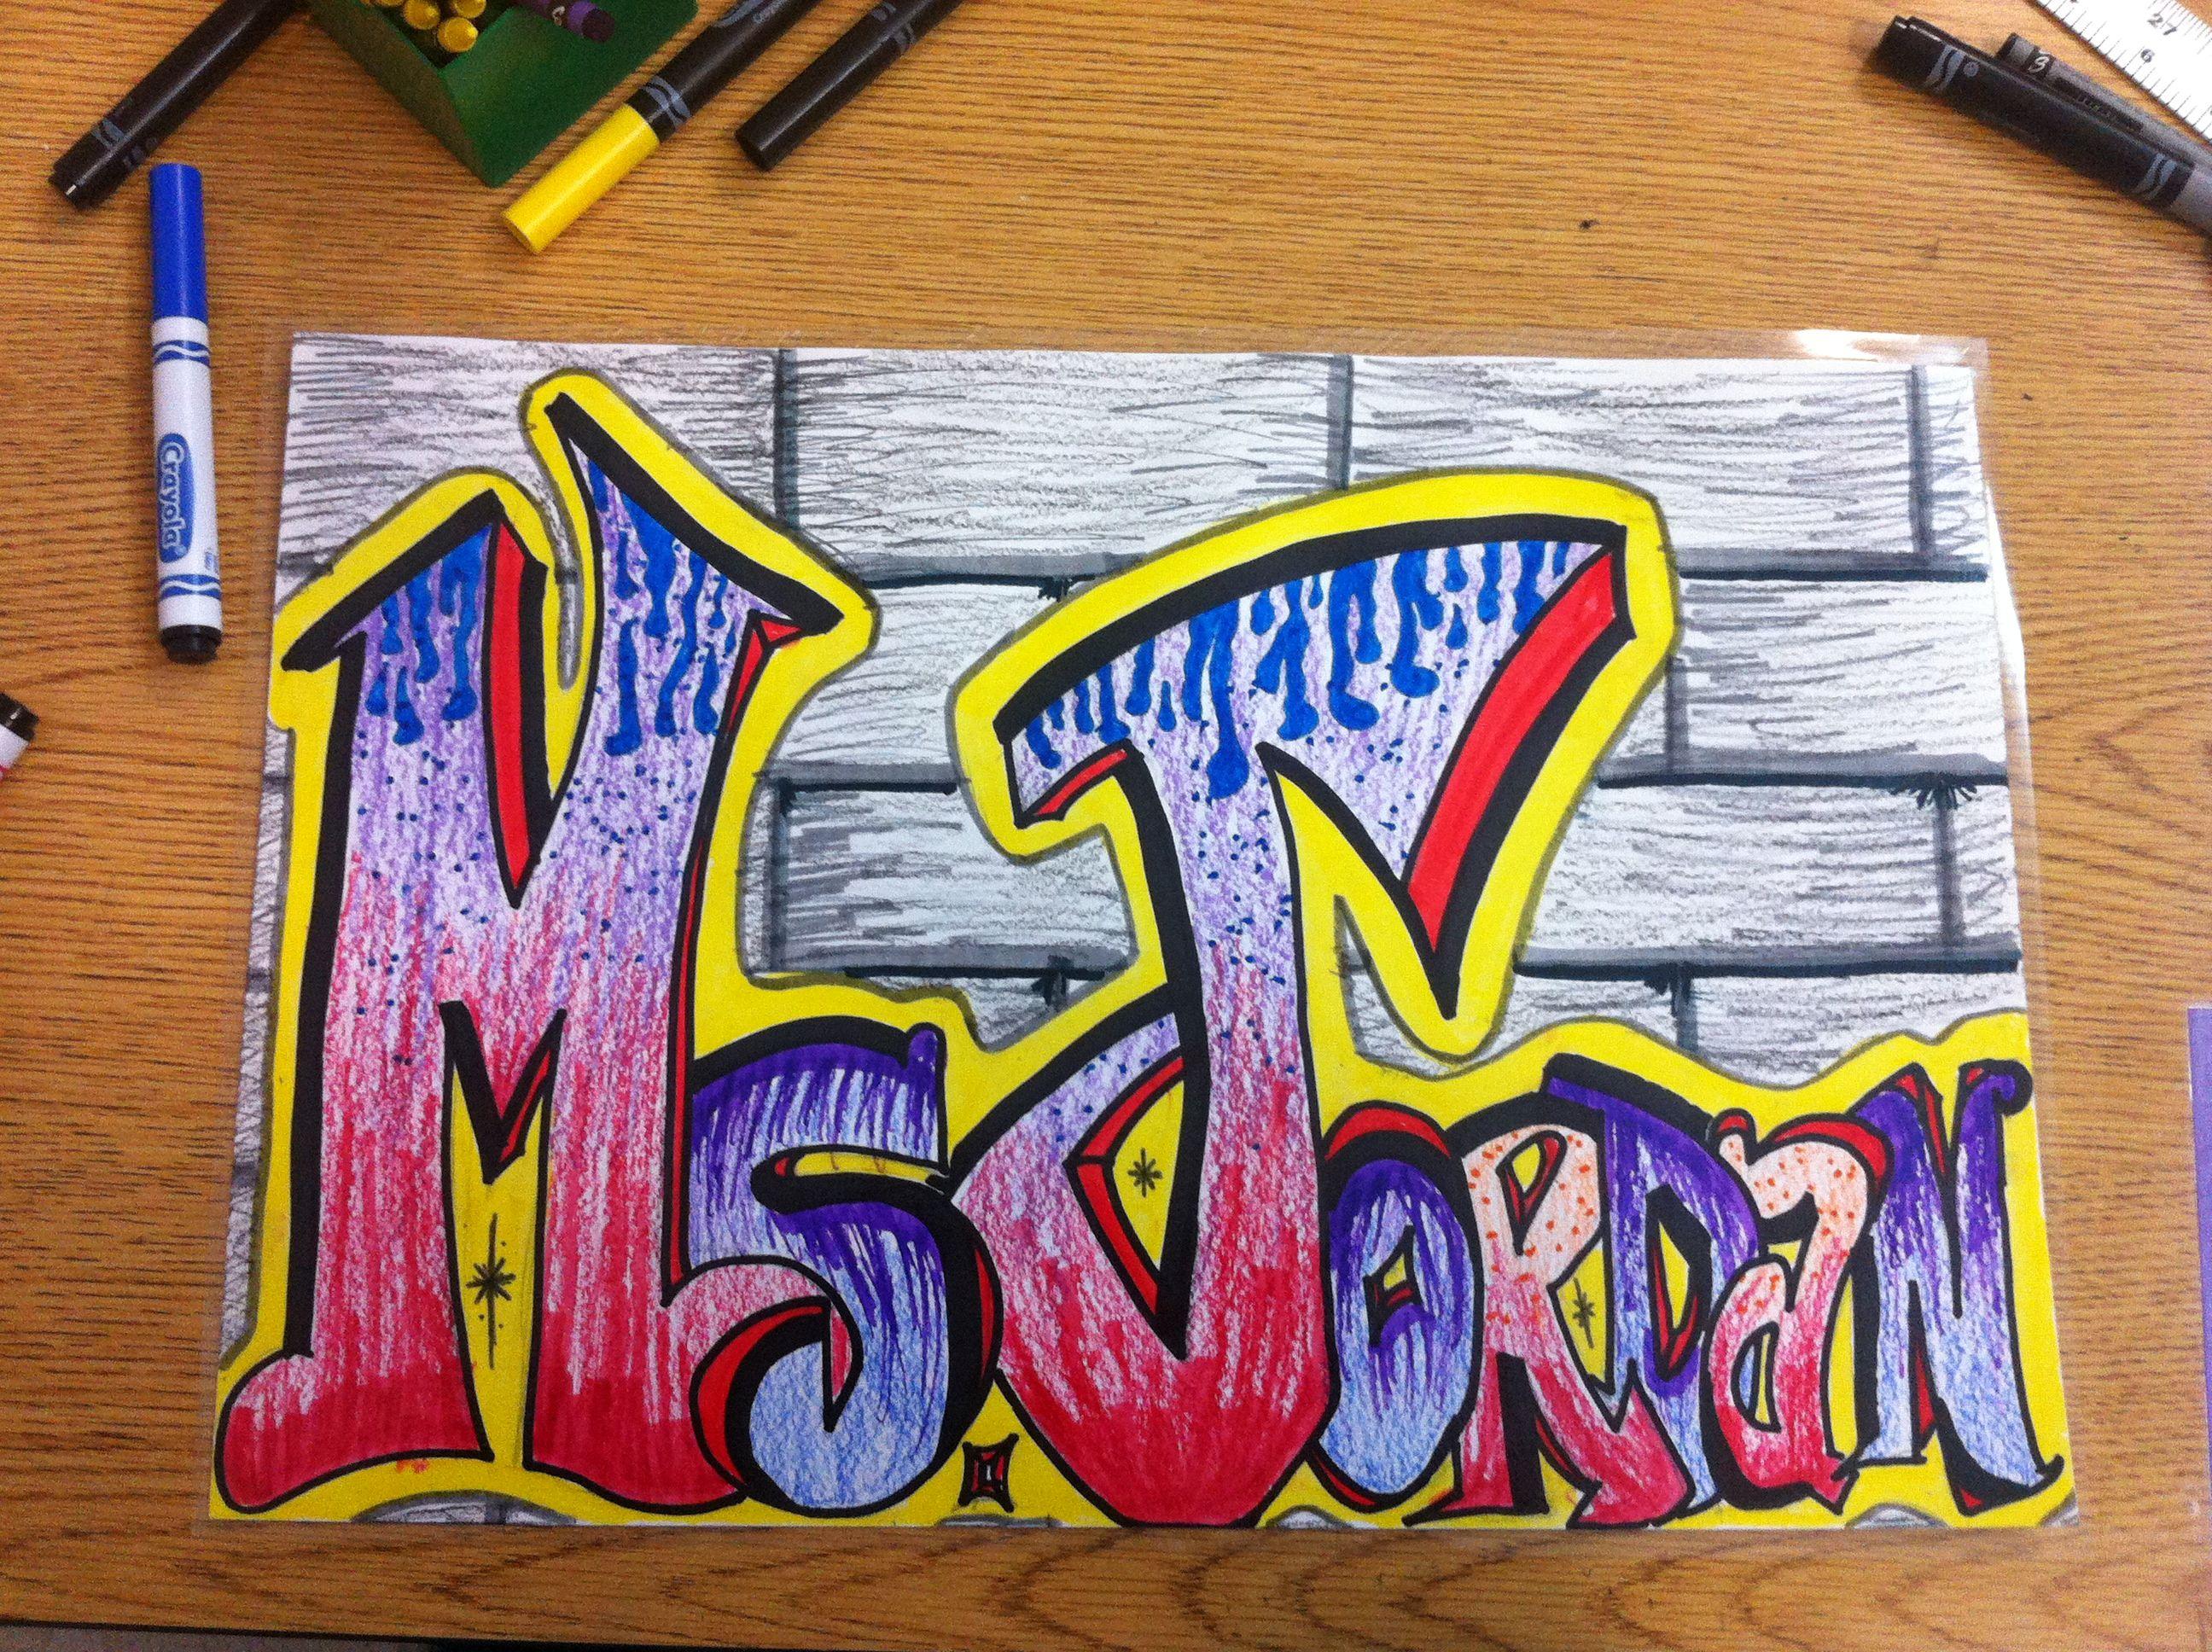 8th Grade Graffiti Letters